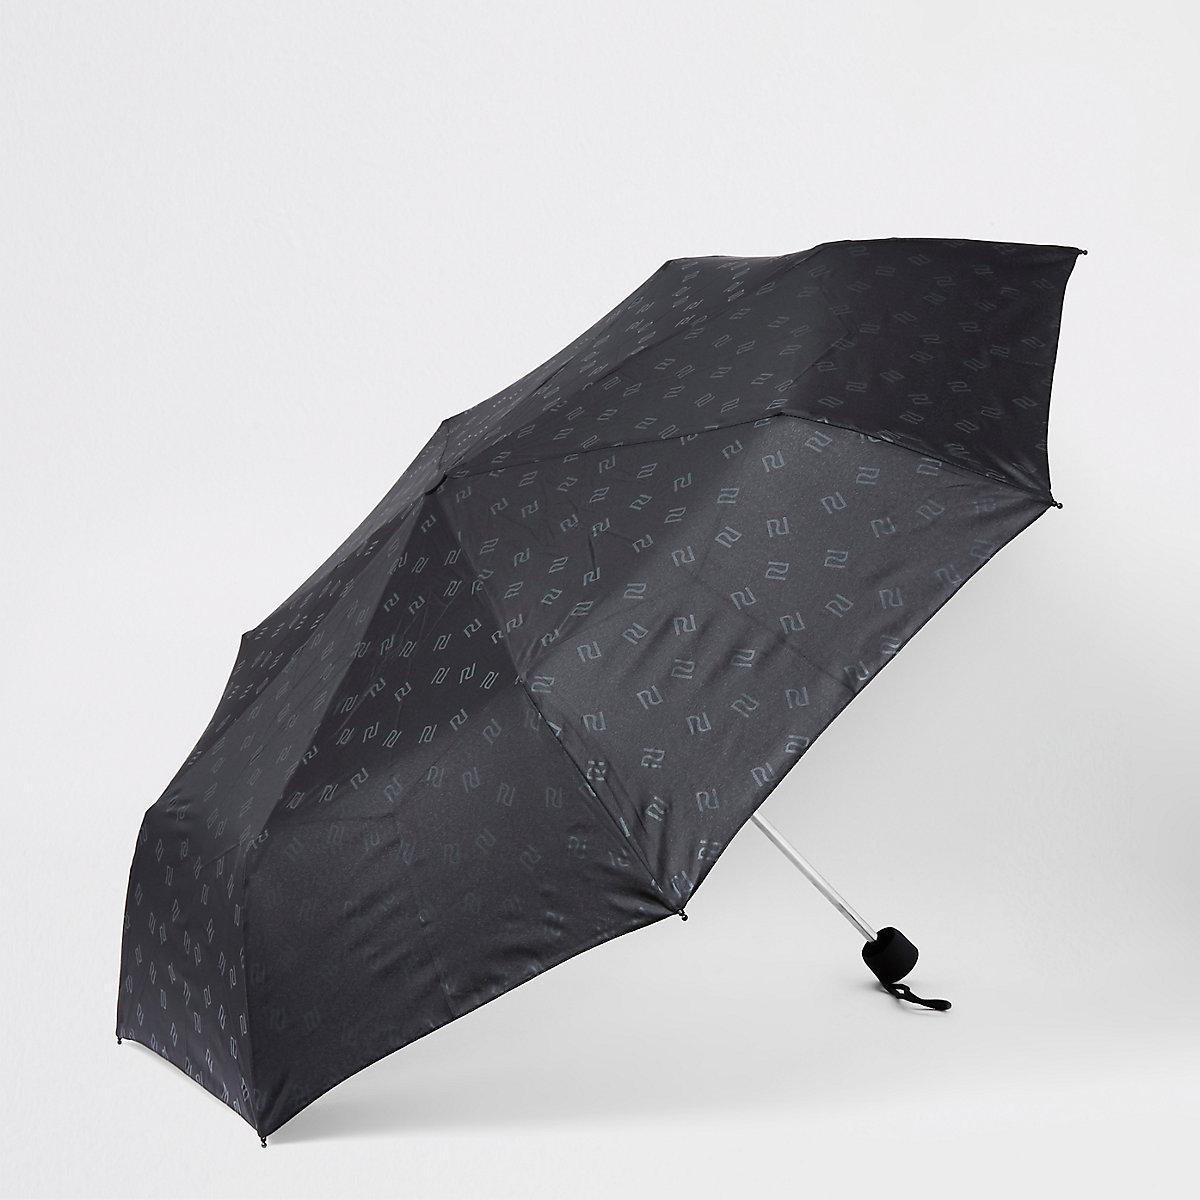 Parapluie RI compact noir